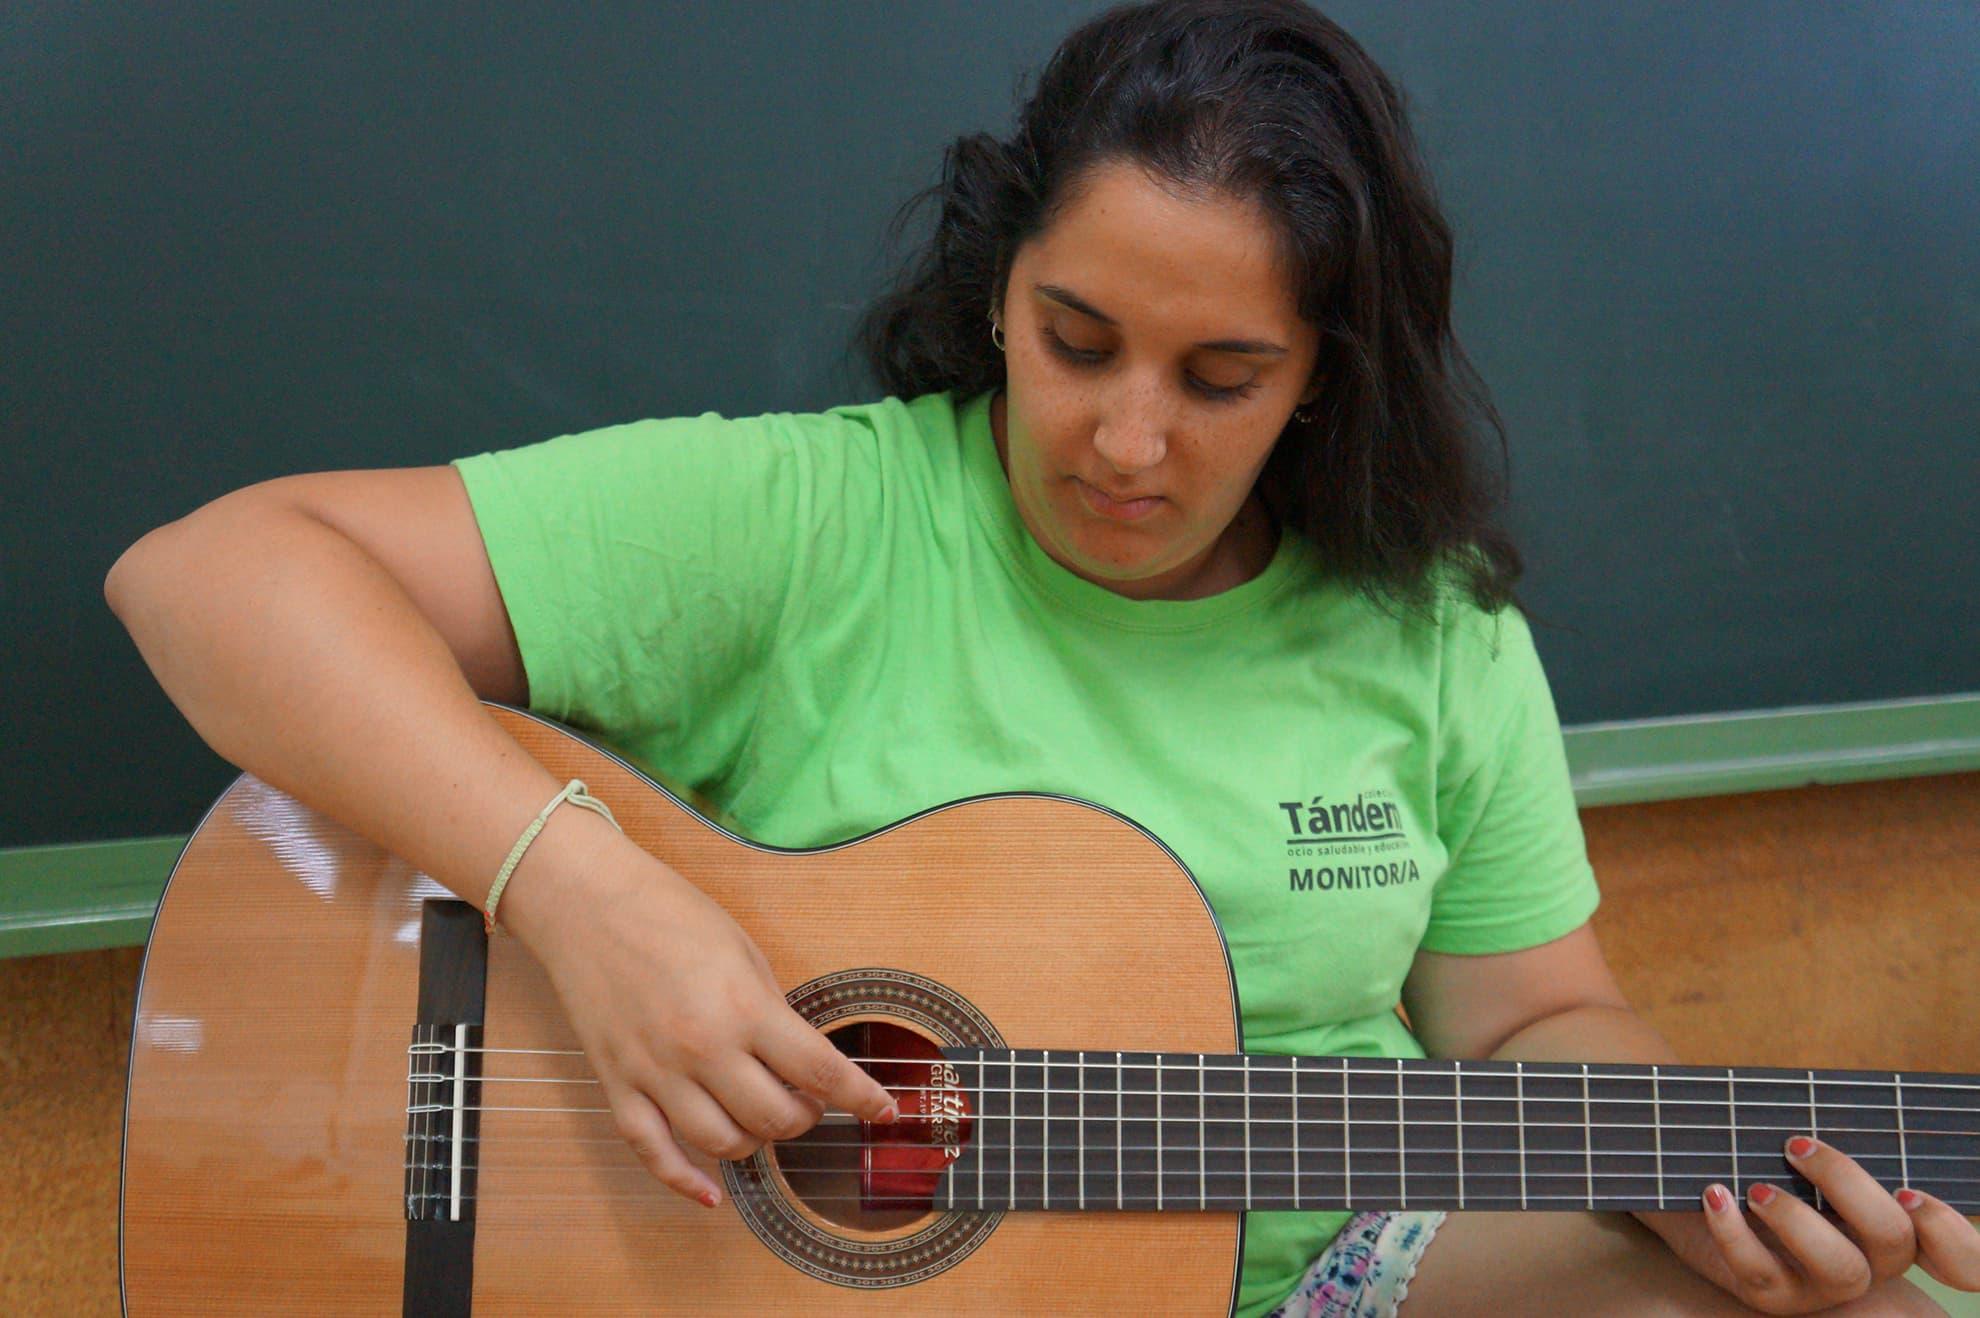 ocio-saludable-extraescolares-ludico-guitarra